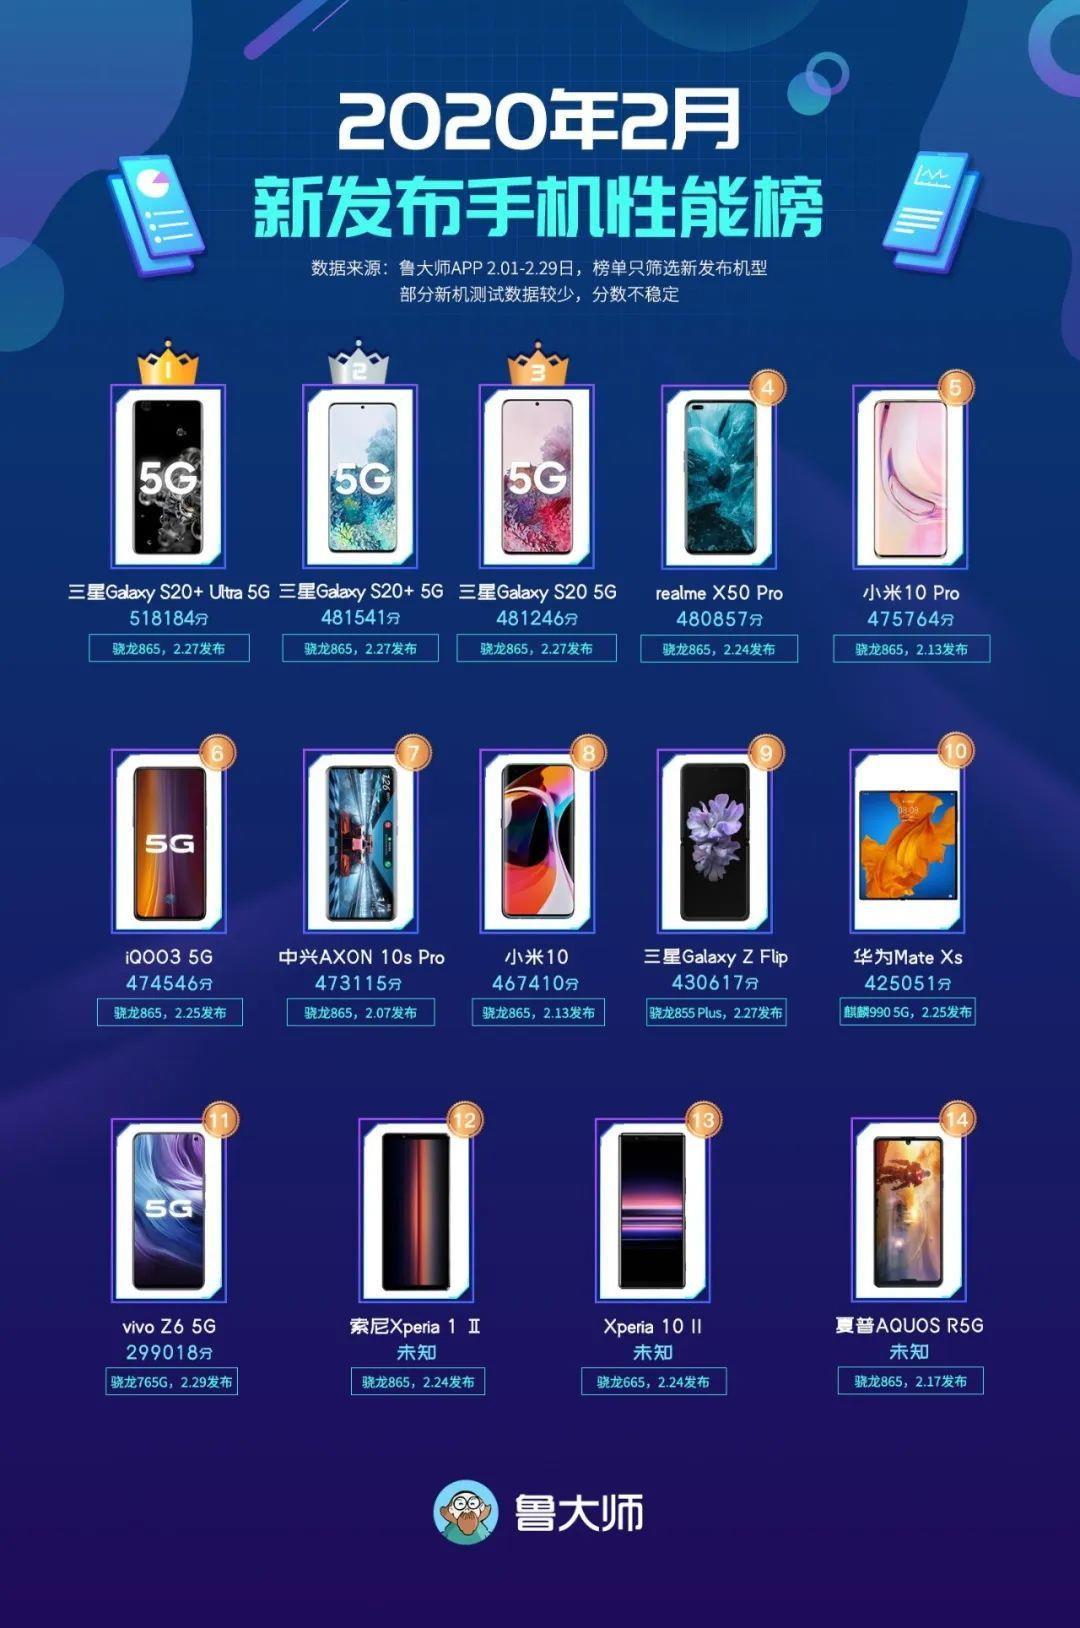 鲁大师发布2月新发手机性能榜:三星S20系列屠榜,小米10P仅排第五